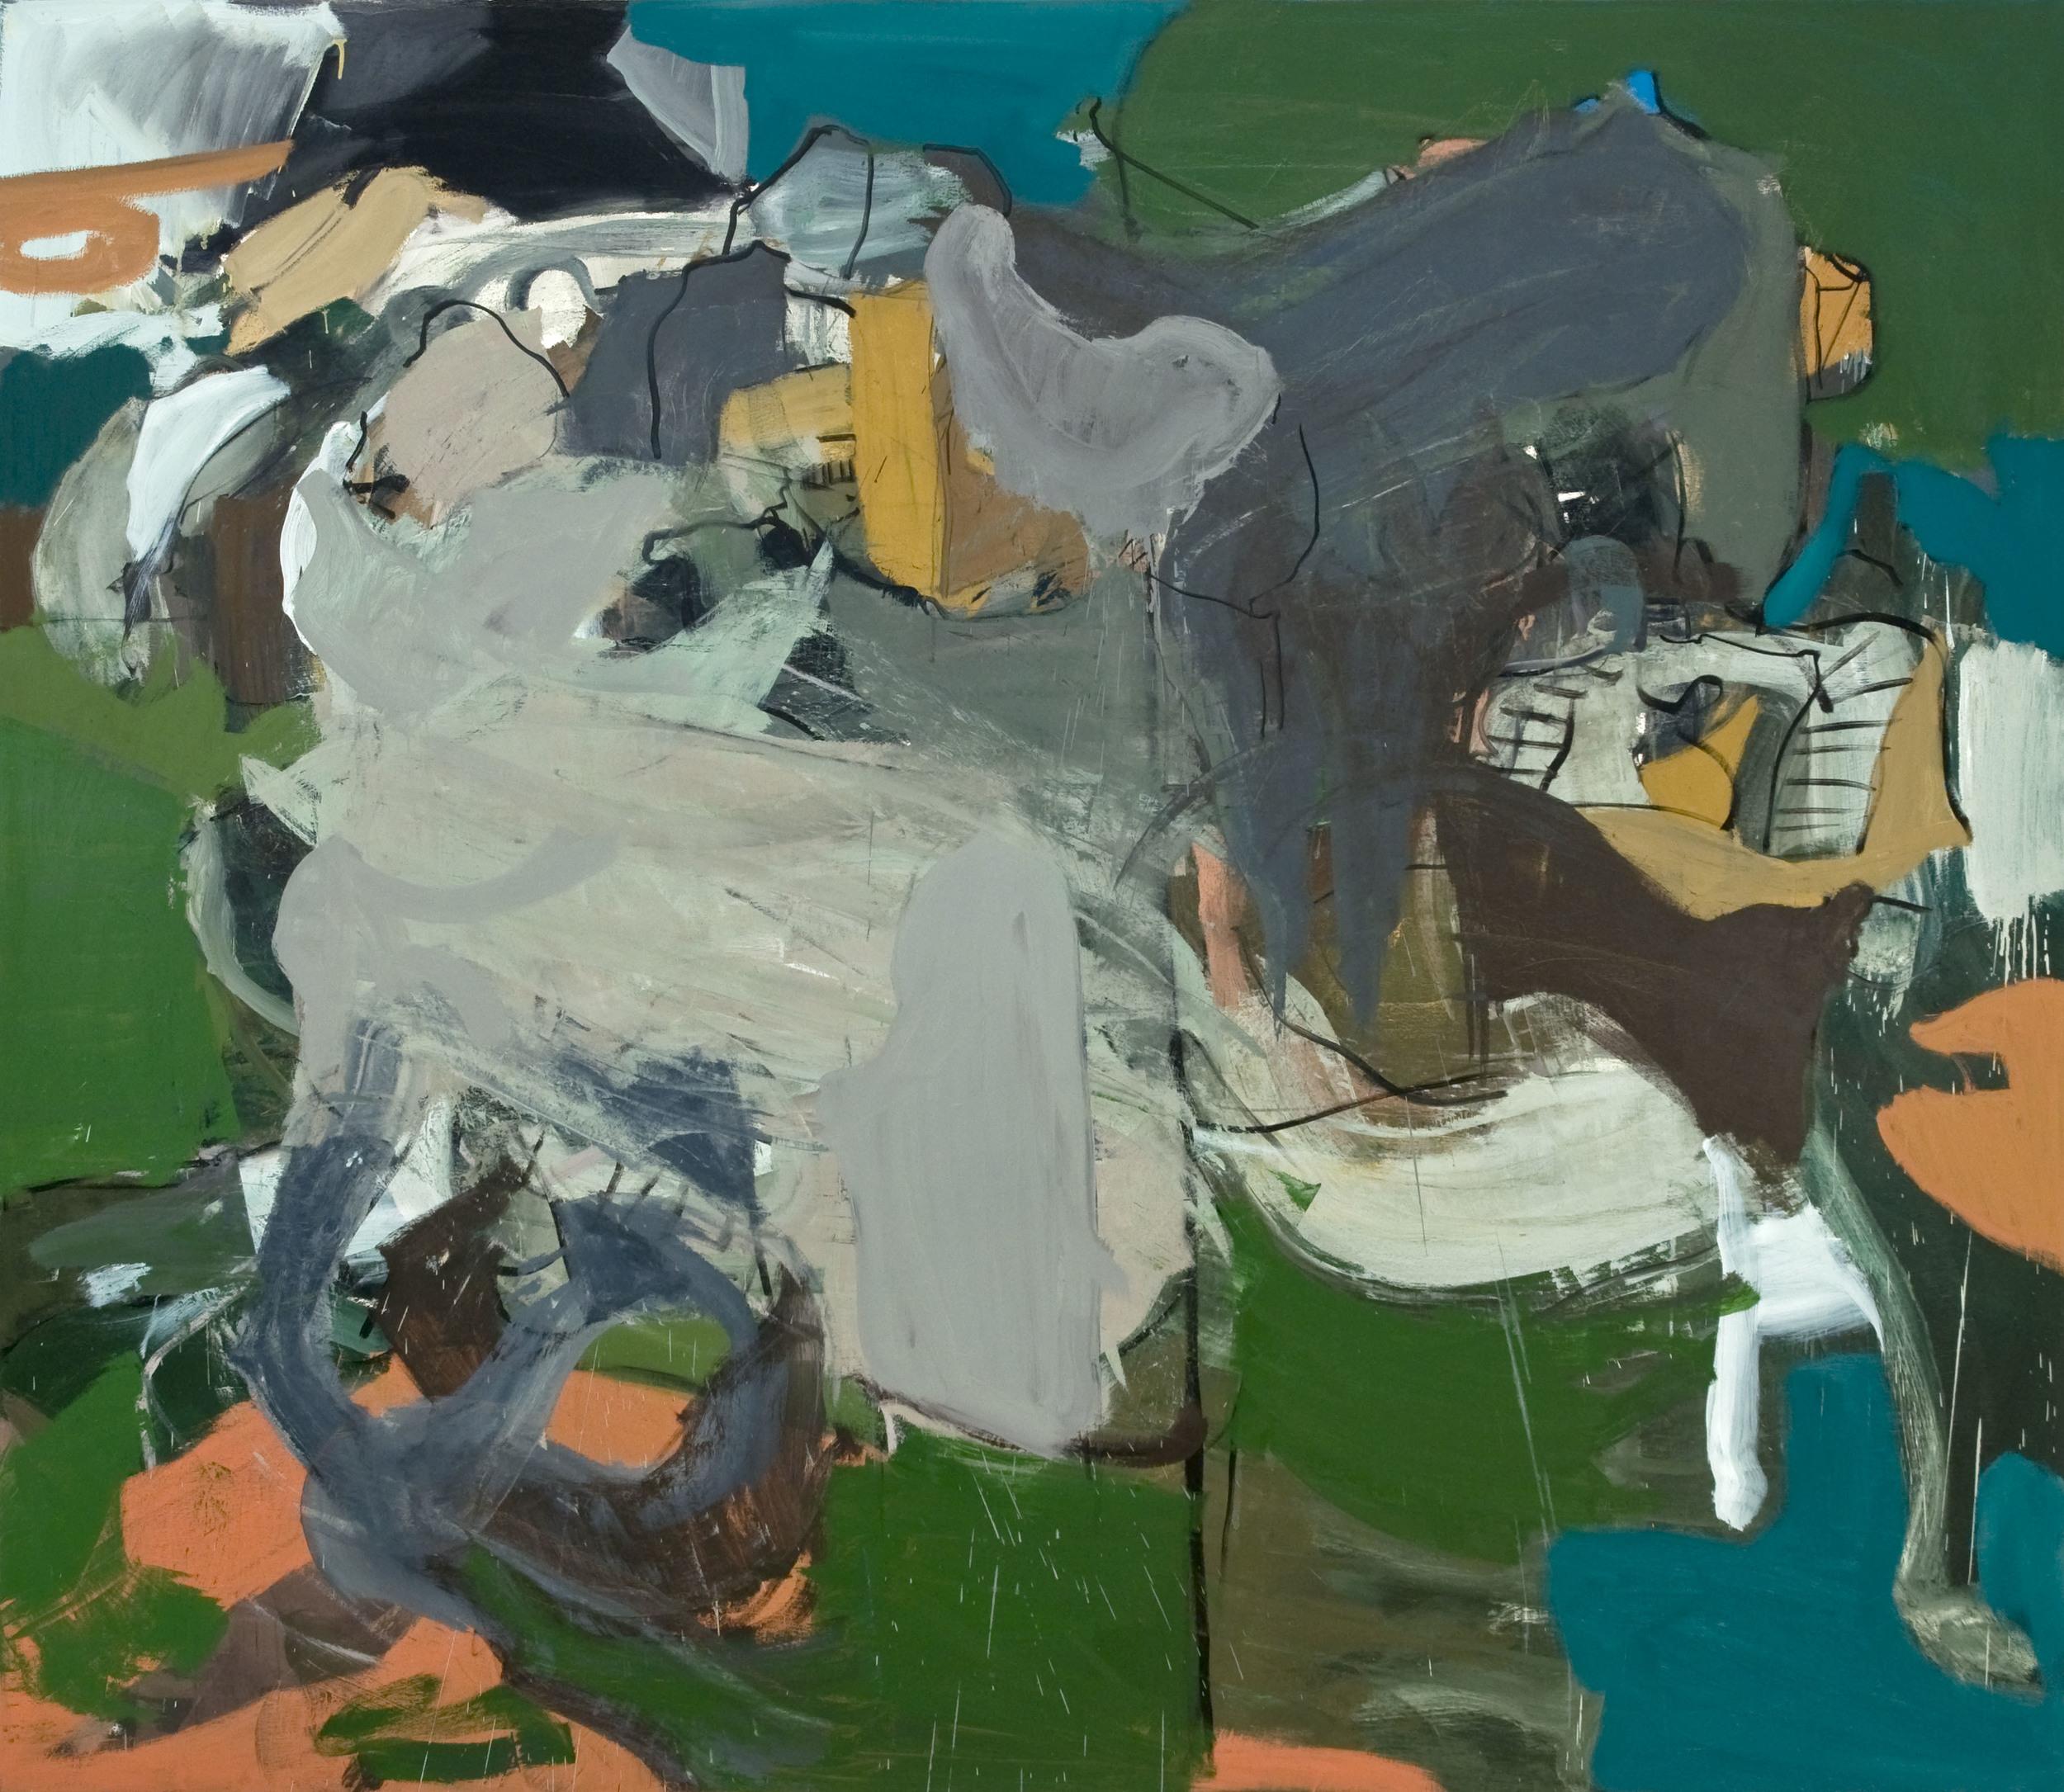 %22Secessionist Villa, Bydgoszcz, Pl%22, 2011, oil on canvas, 66%22 x 76%22.jpg